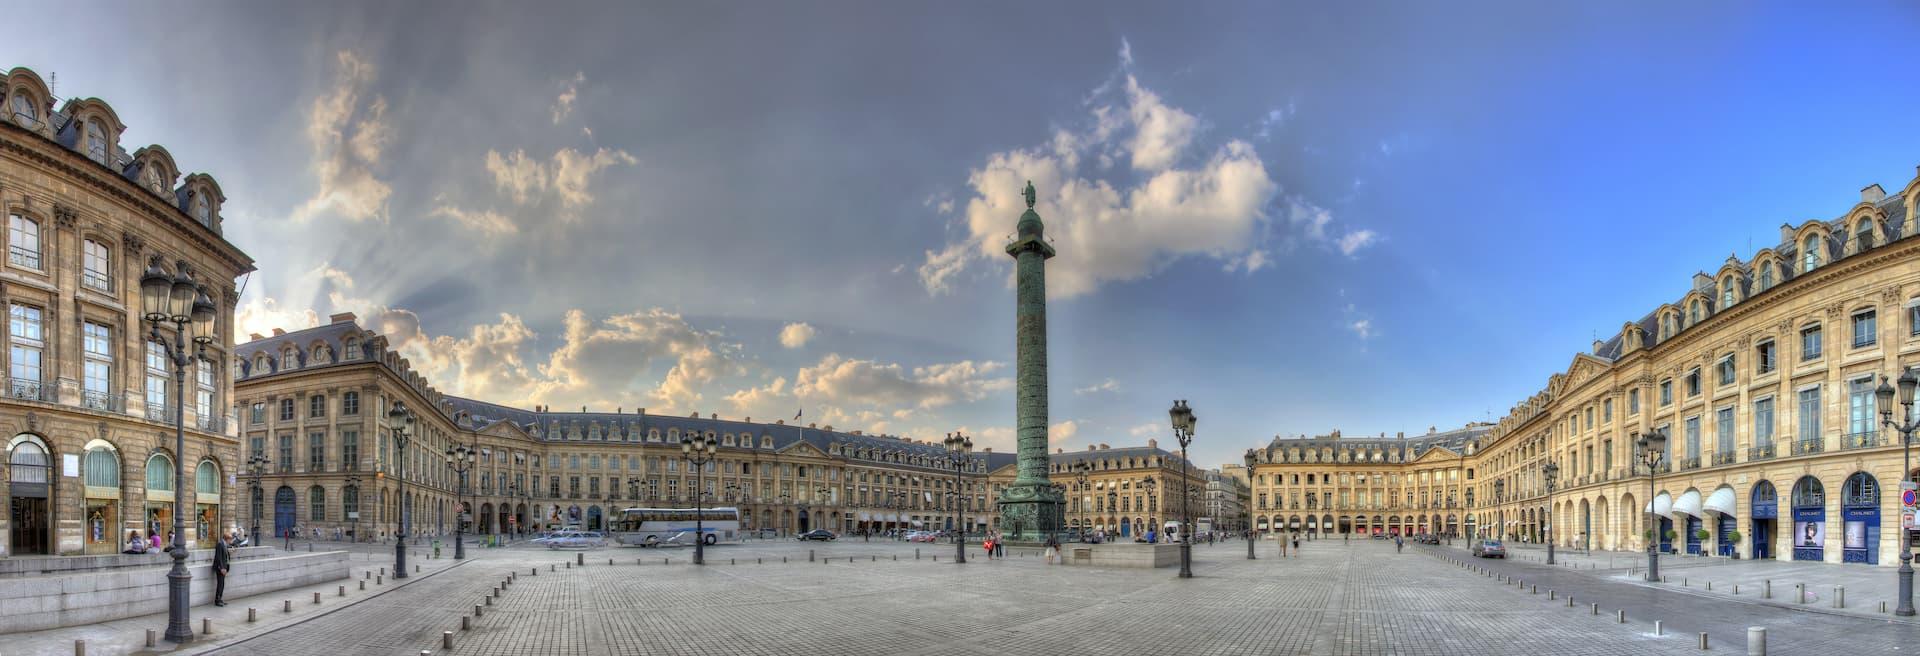 Place Vendôme și coloana construită de Napoleon